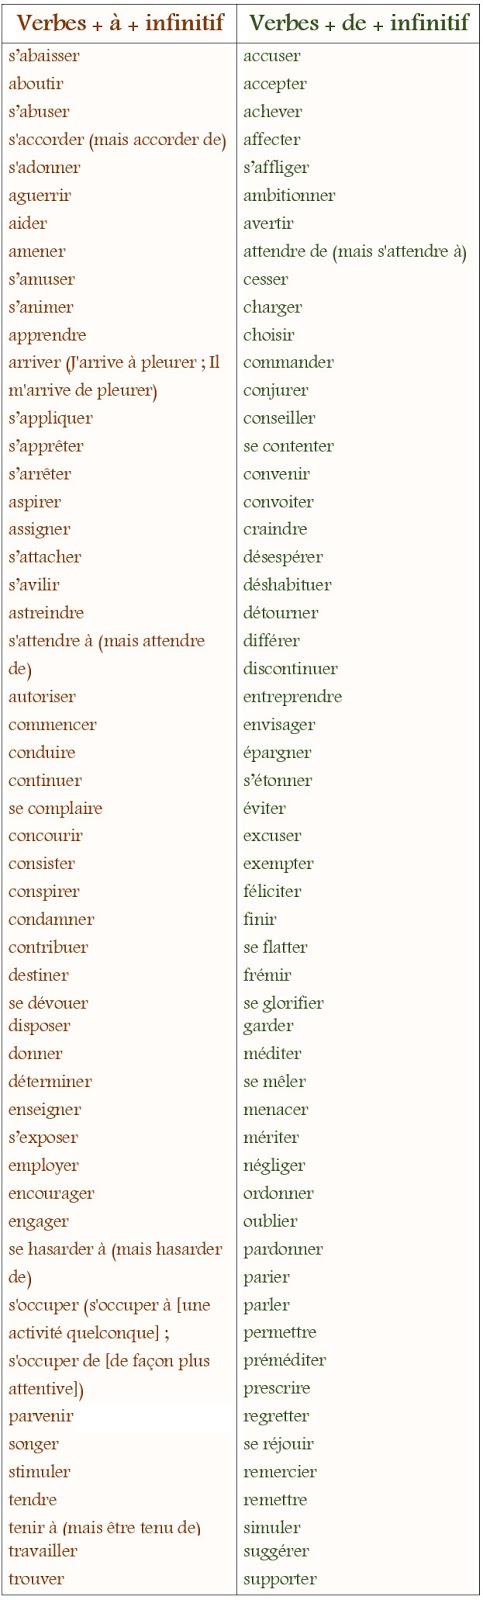 Czasowniki z przyimkami - teoria 2 - Francuski przy kawie